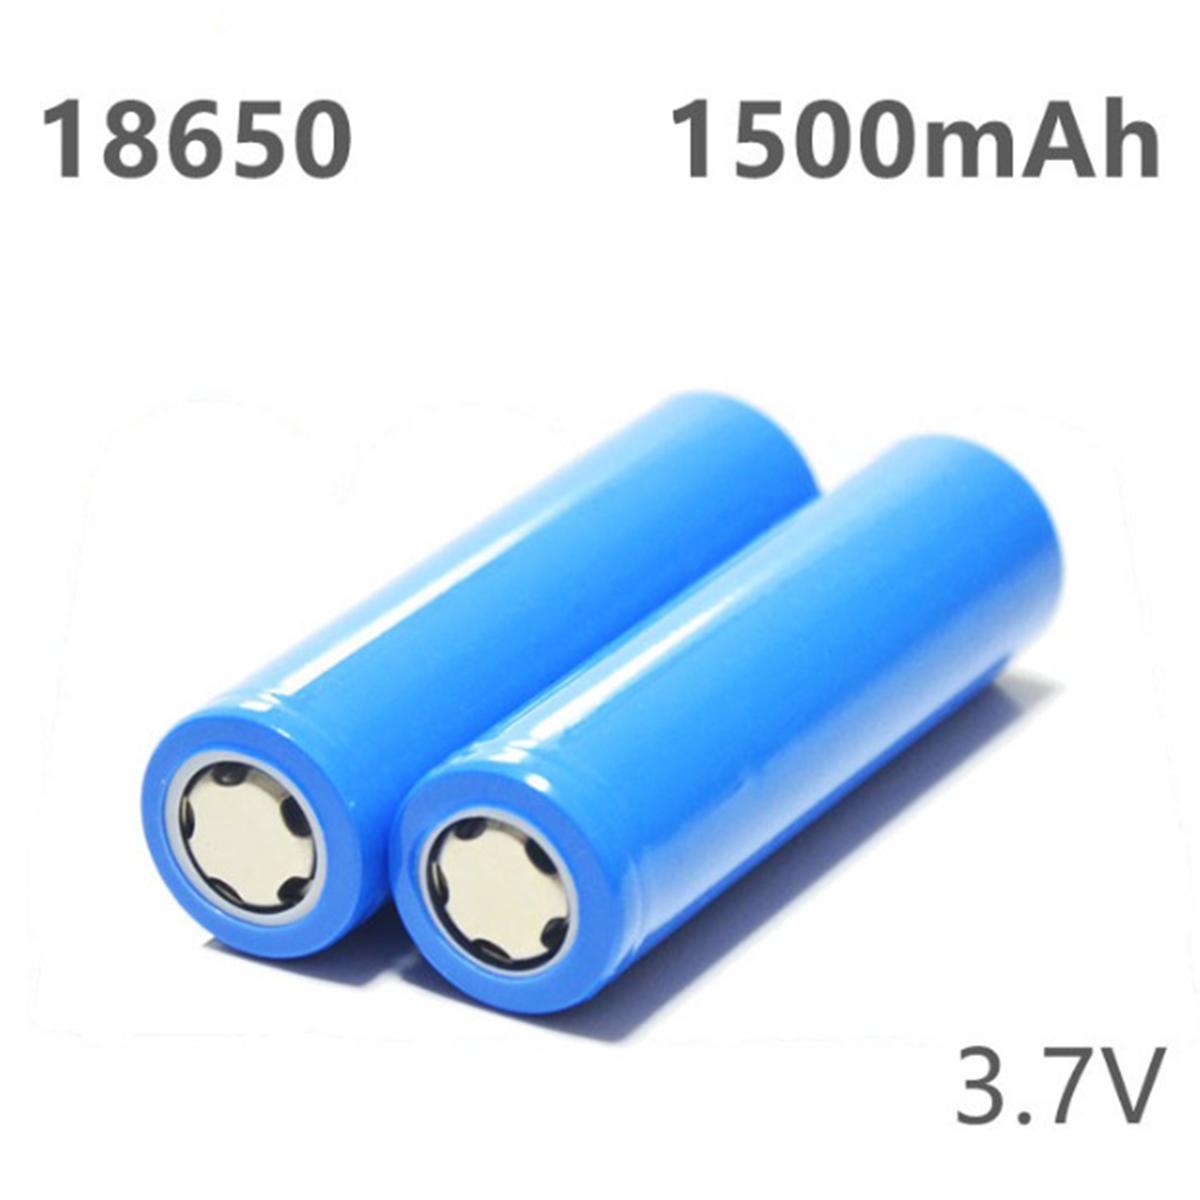 Bộ 8 Pin sạc Lithium 18650 1500mAh